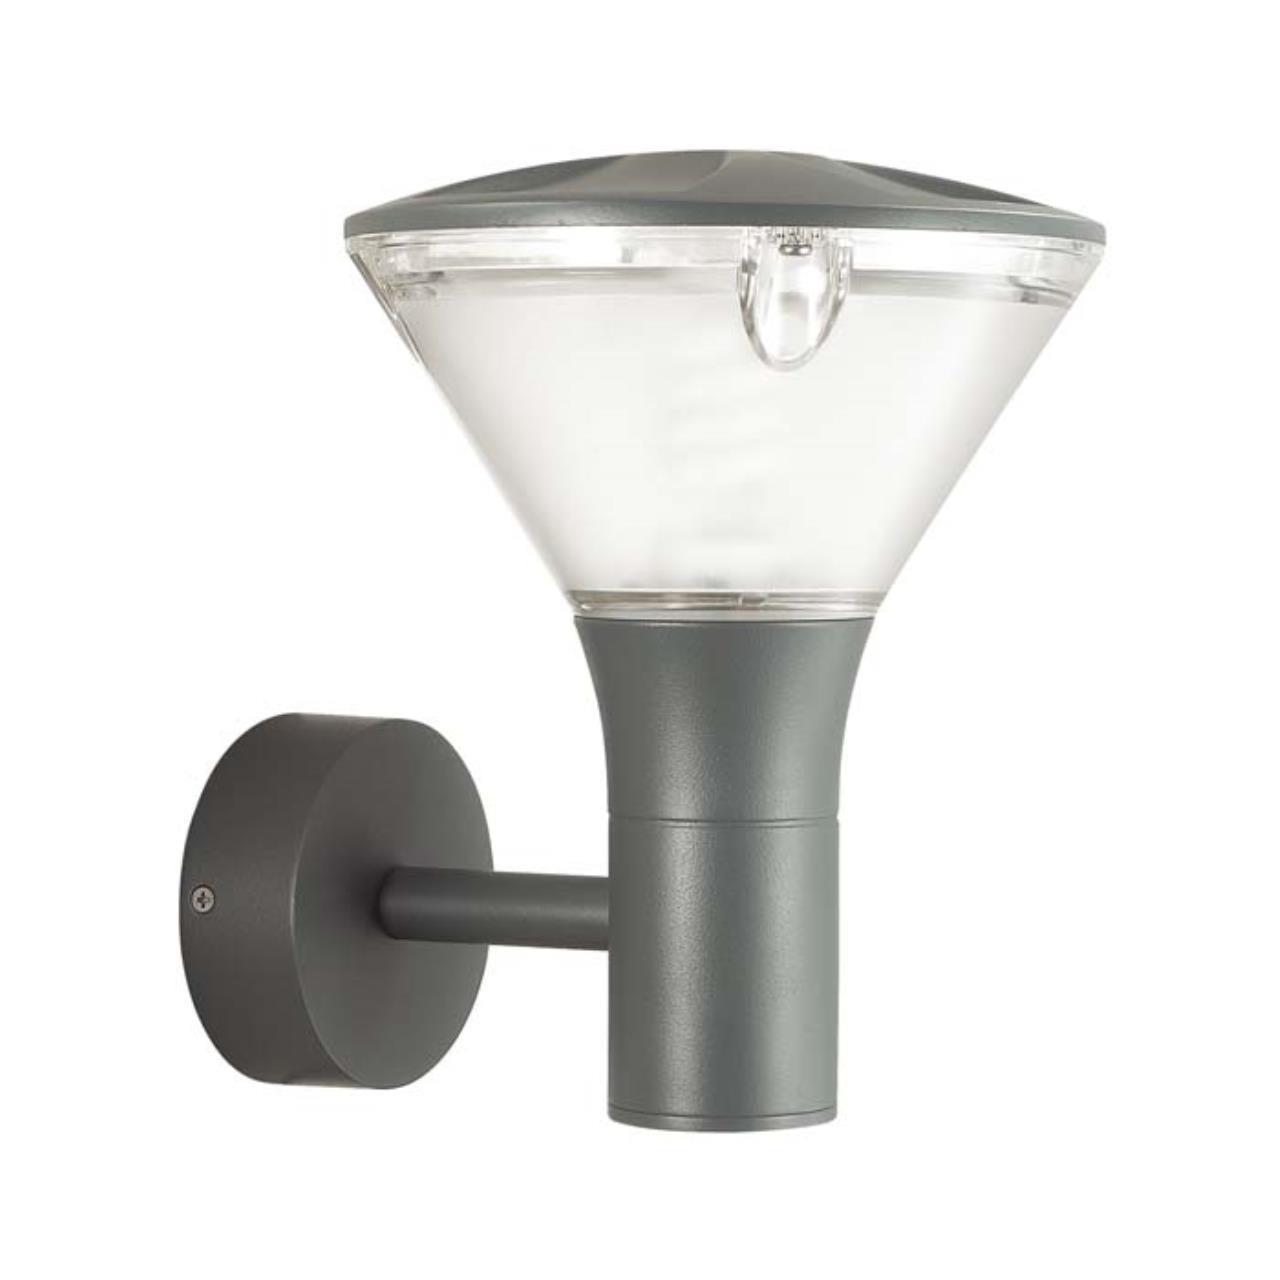 4046/1W CLASSIC  ODL18 701 матовый серый/прозрачный Уличный настенный светильник IP54 E27 23W 220V L